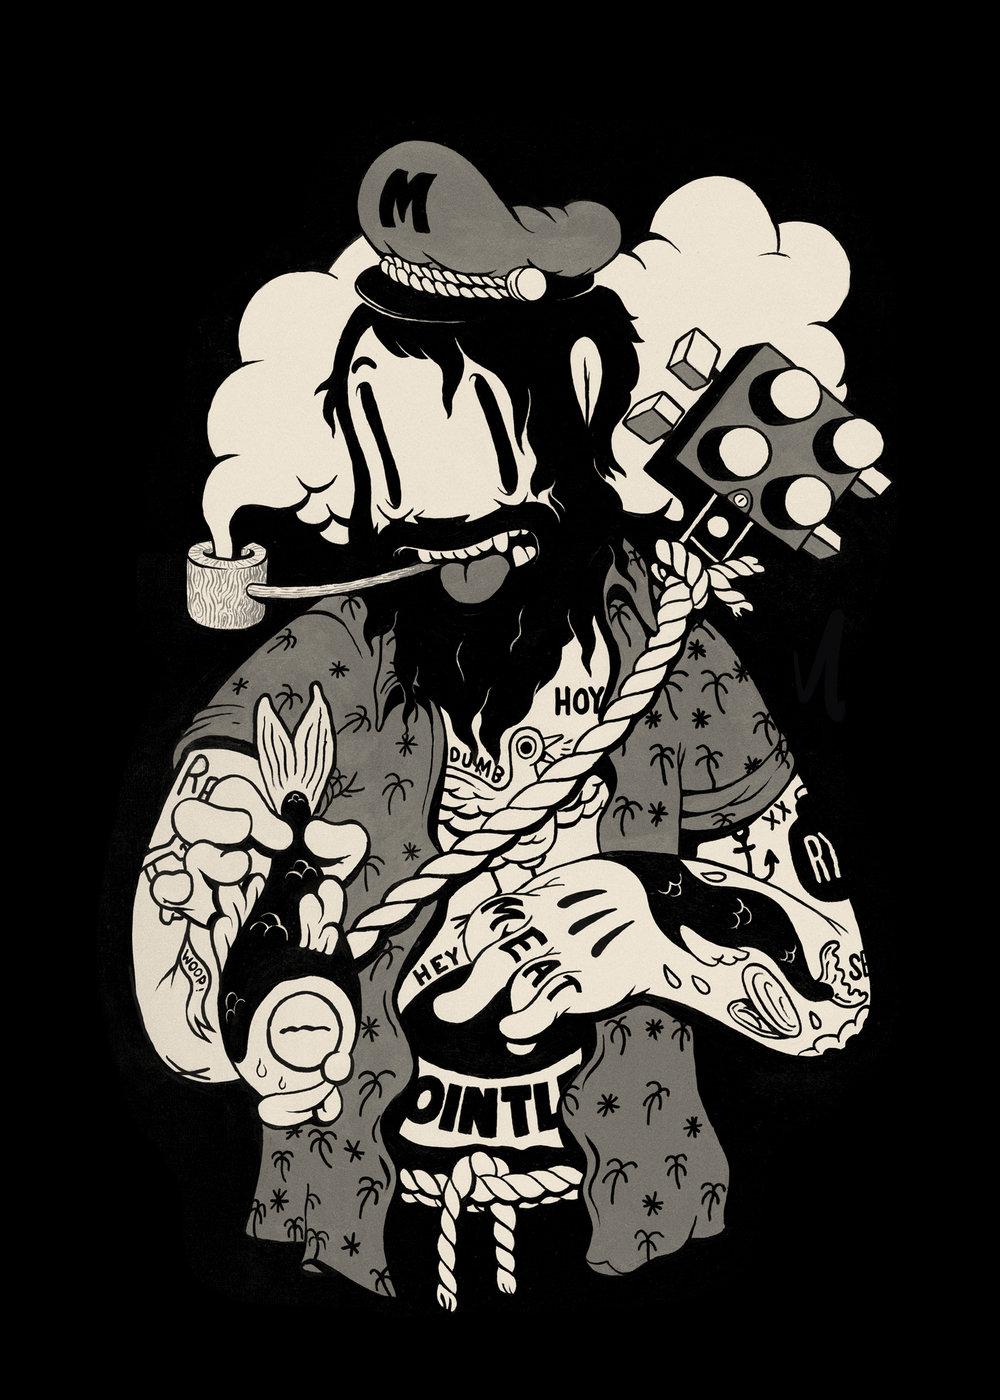 theshirt.jpg